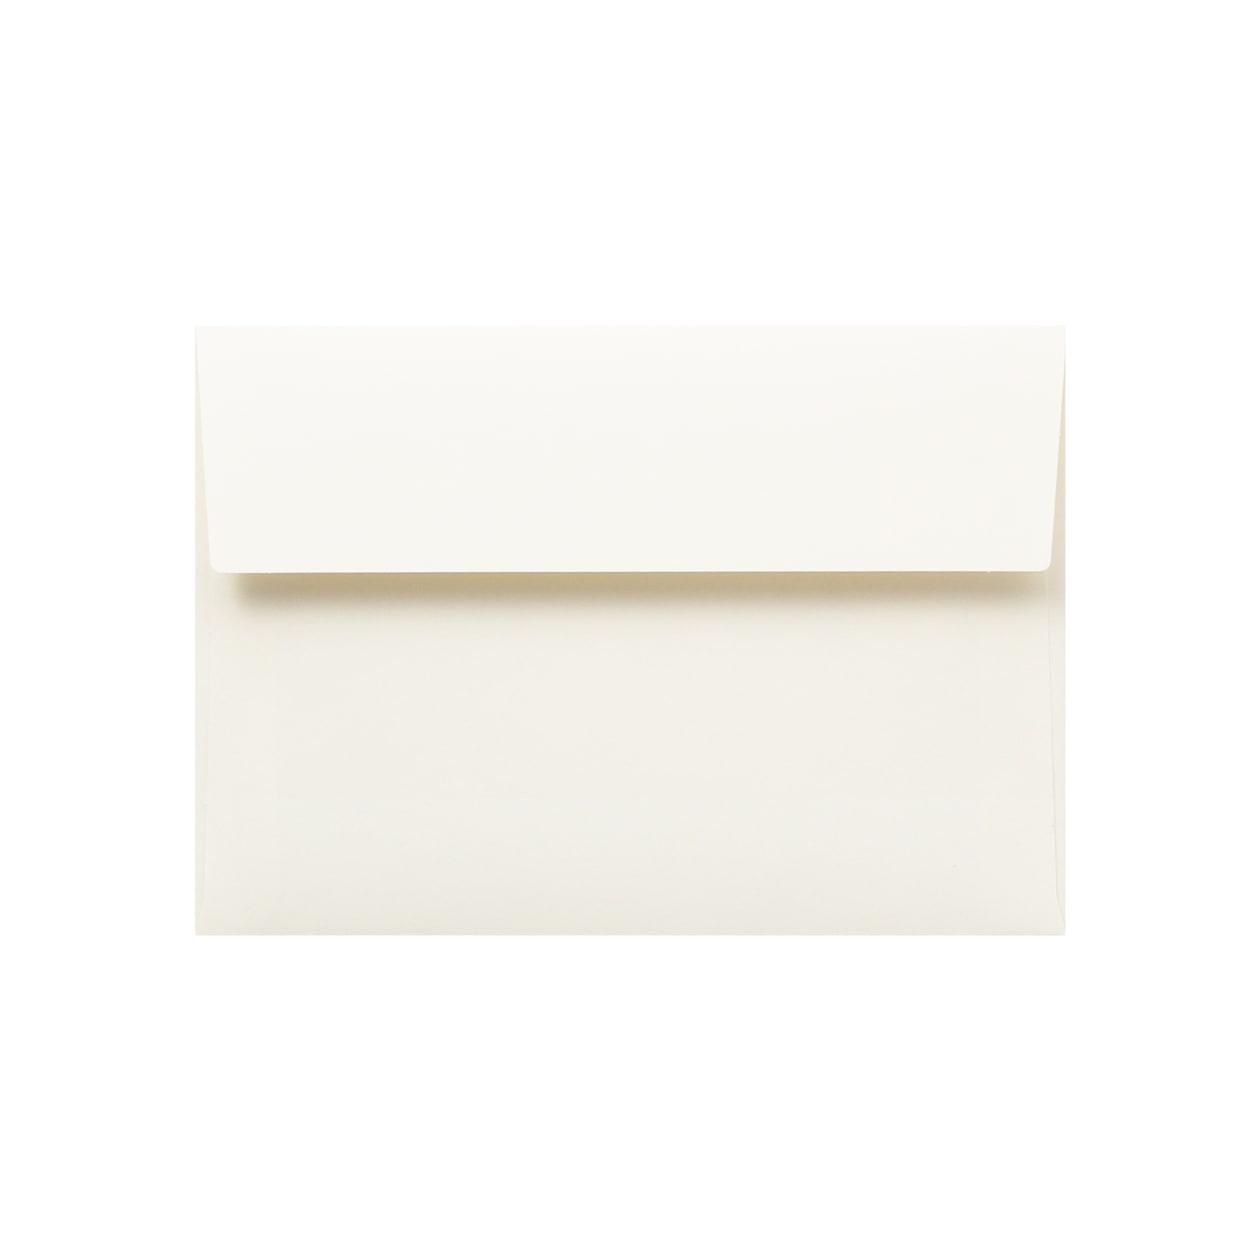 洋2カマス封筒 HAGURUMA Basic ソフトクリーム 100g